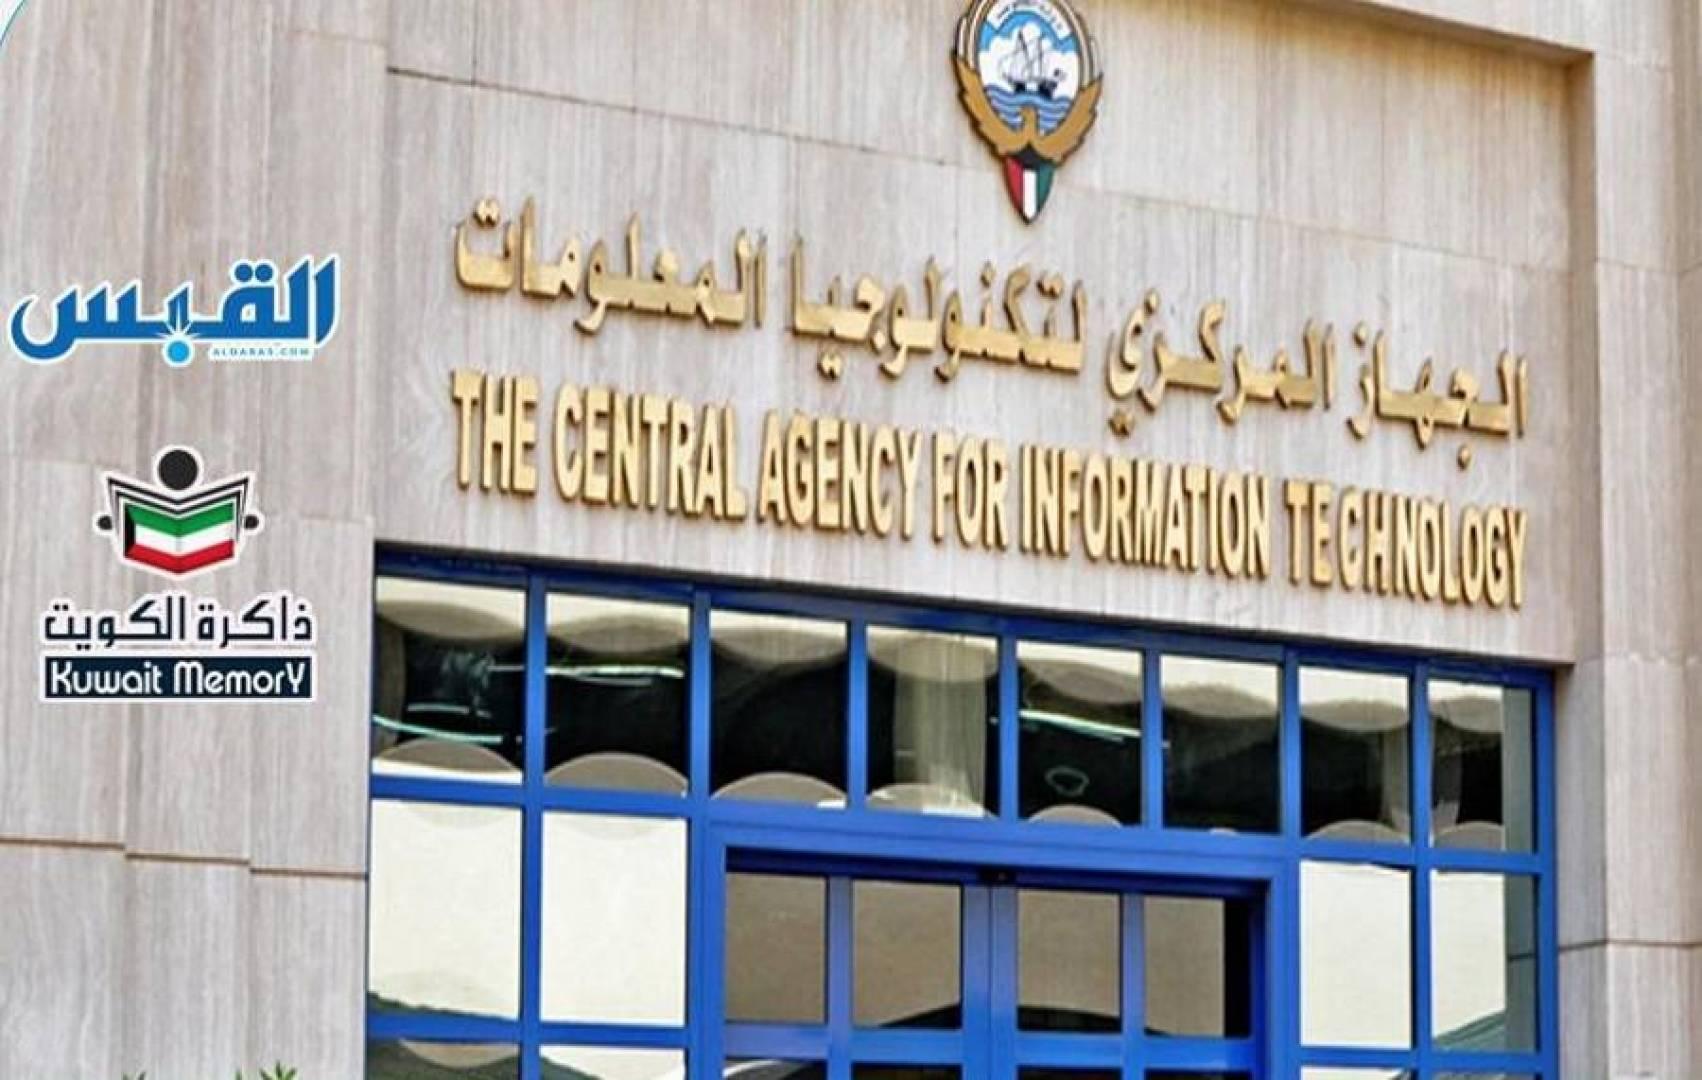 تسليم موقع «ذاكرة الكويت» التابع للحكومة الصيغة التنفيذية للحكم الصادر لصالح القبس